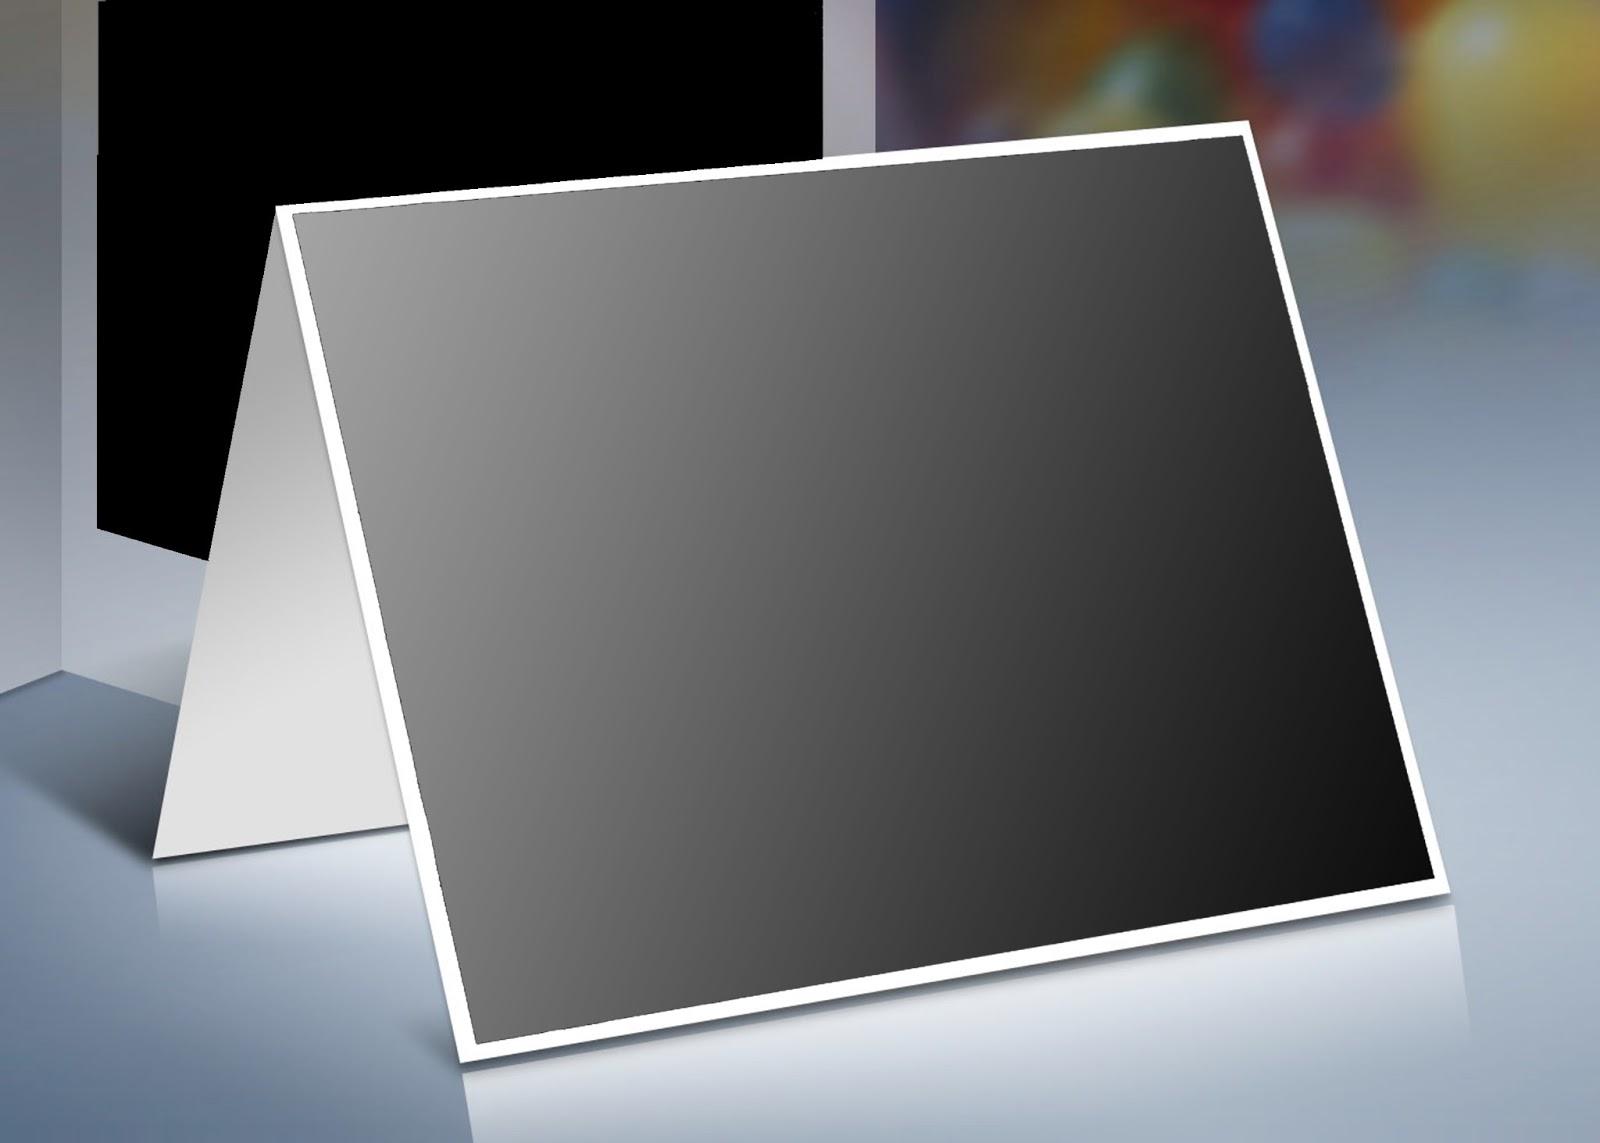 how to make photos transparent no photoshop